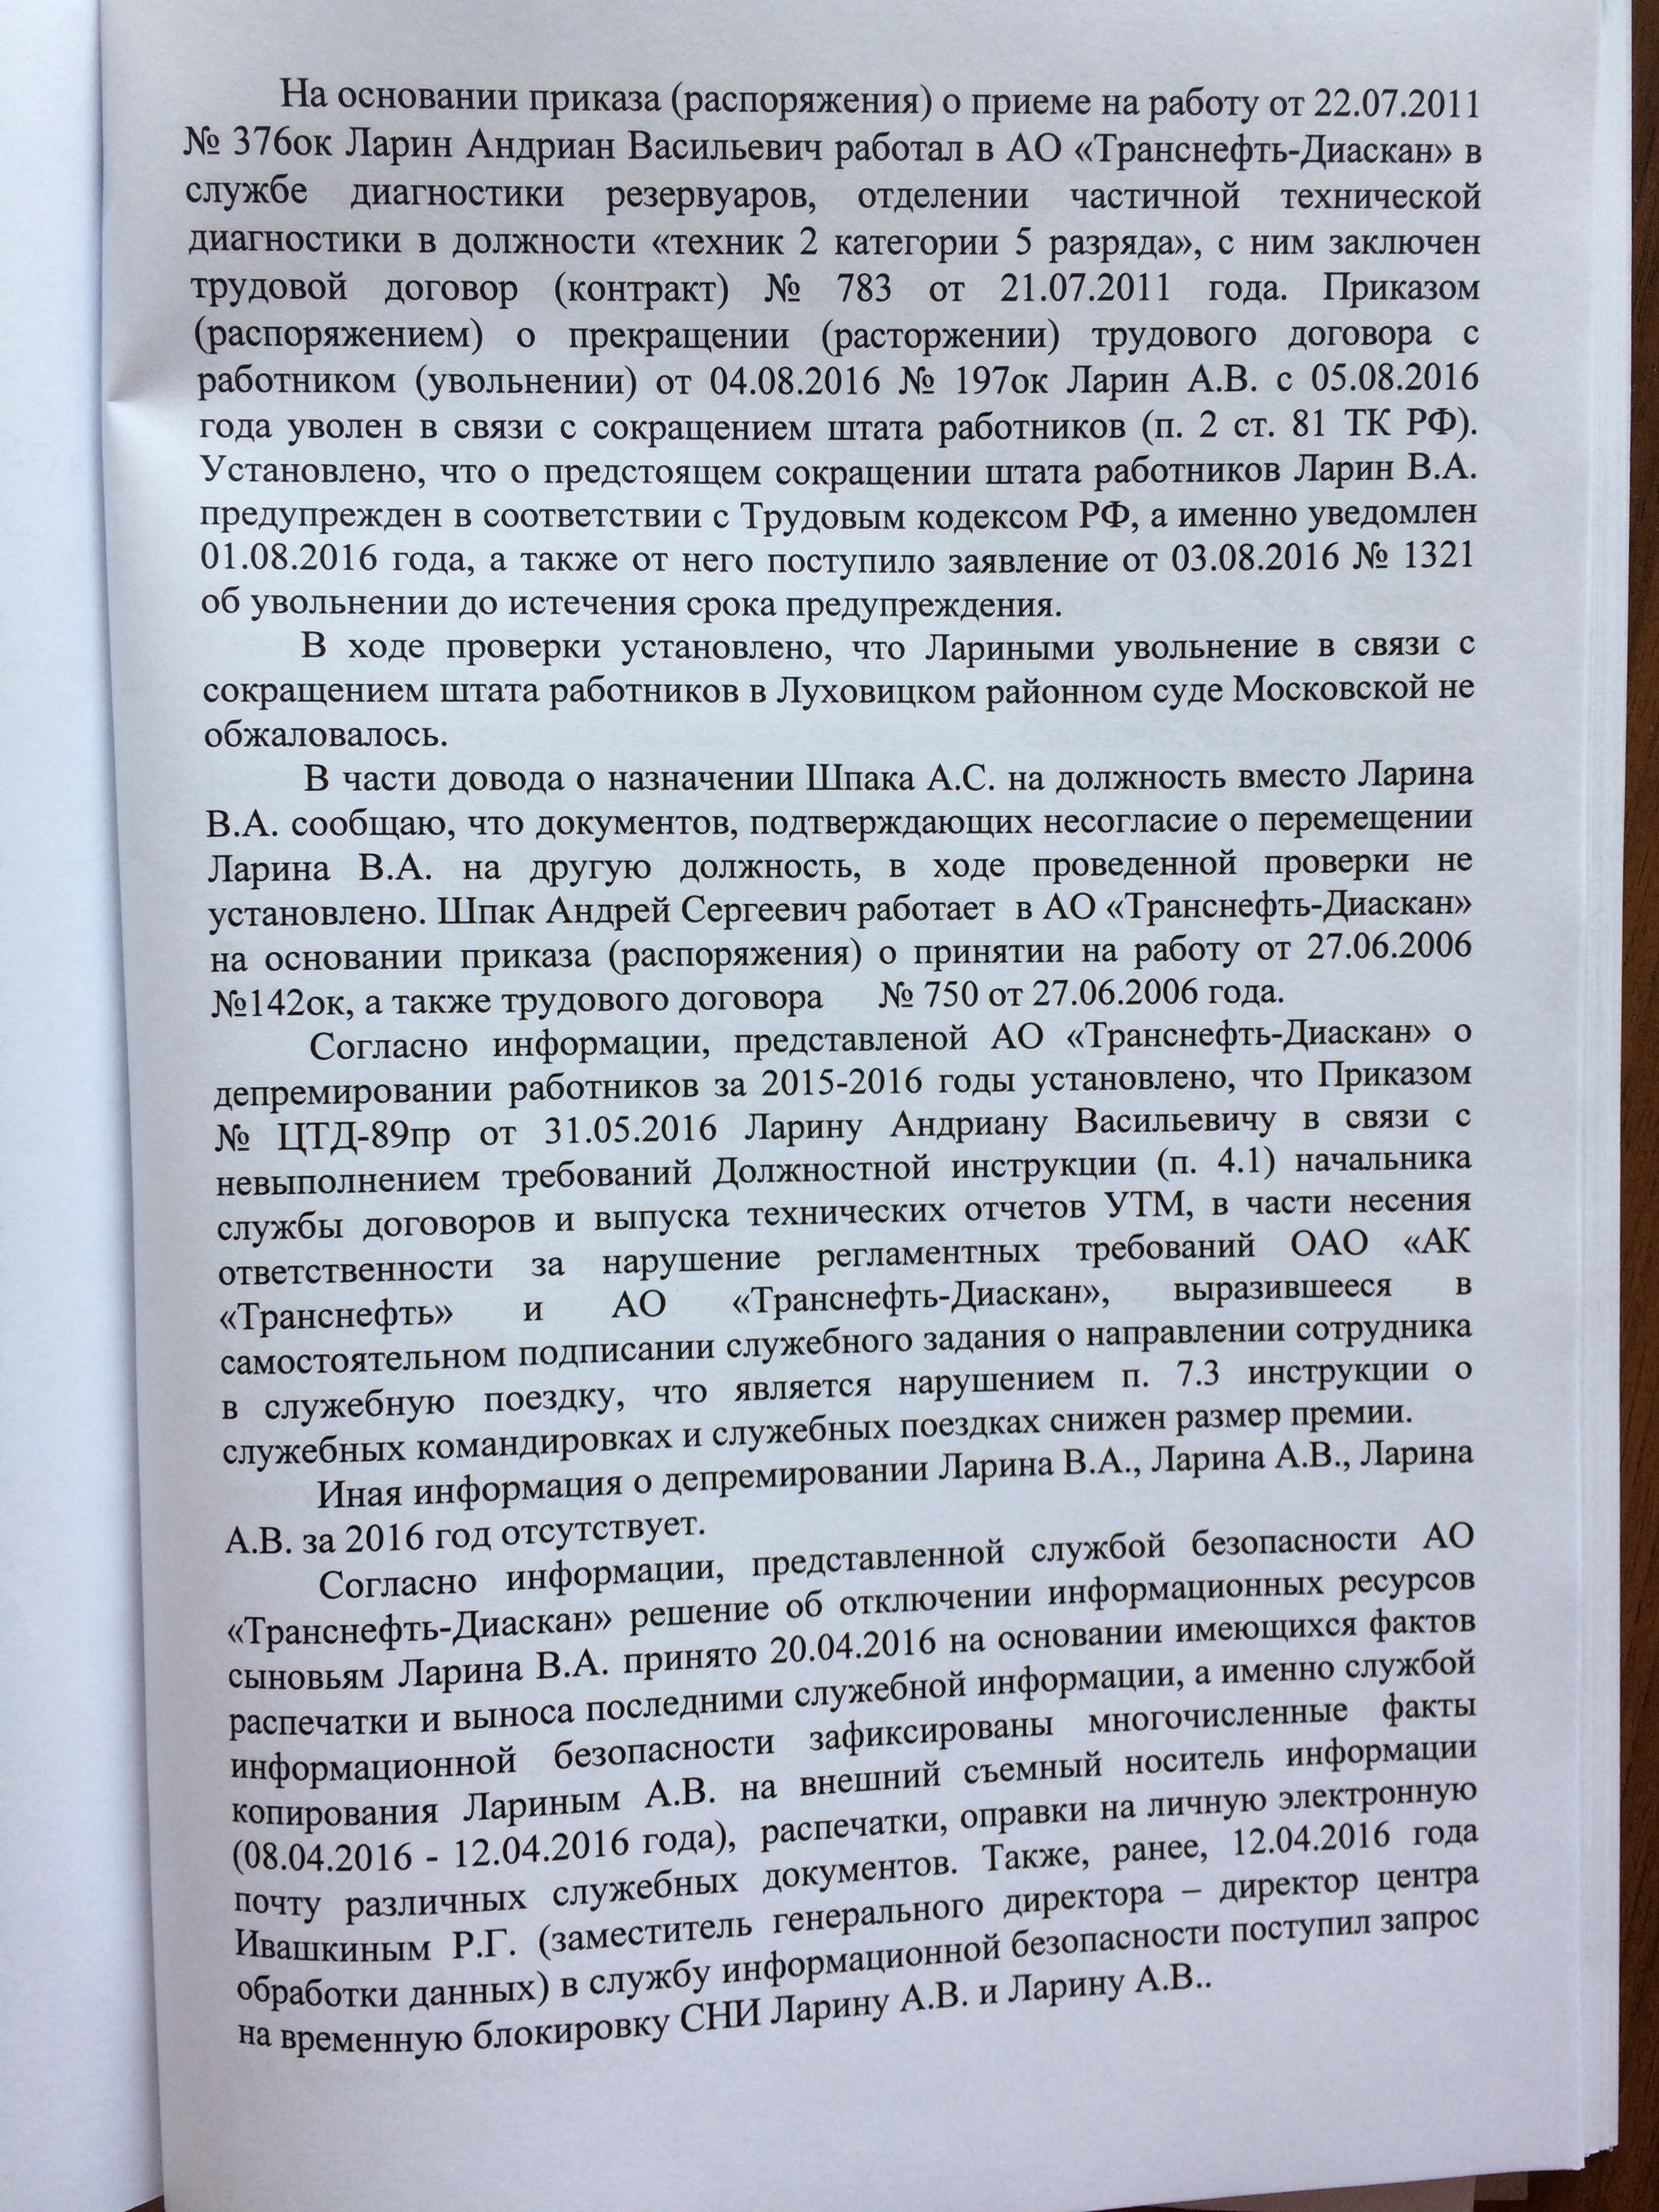 Фото документов проверки Луховицкой городской прокуратурой - 111 (5)